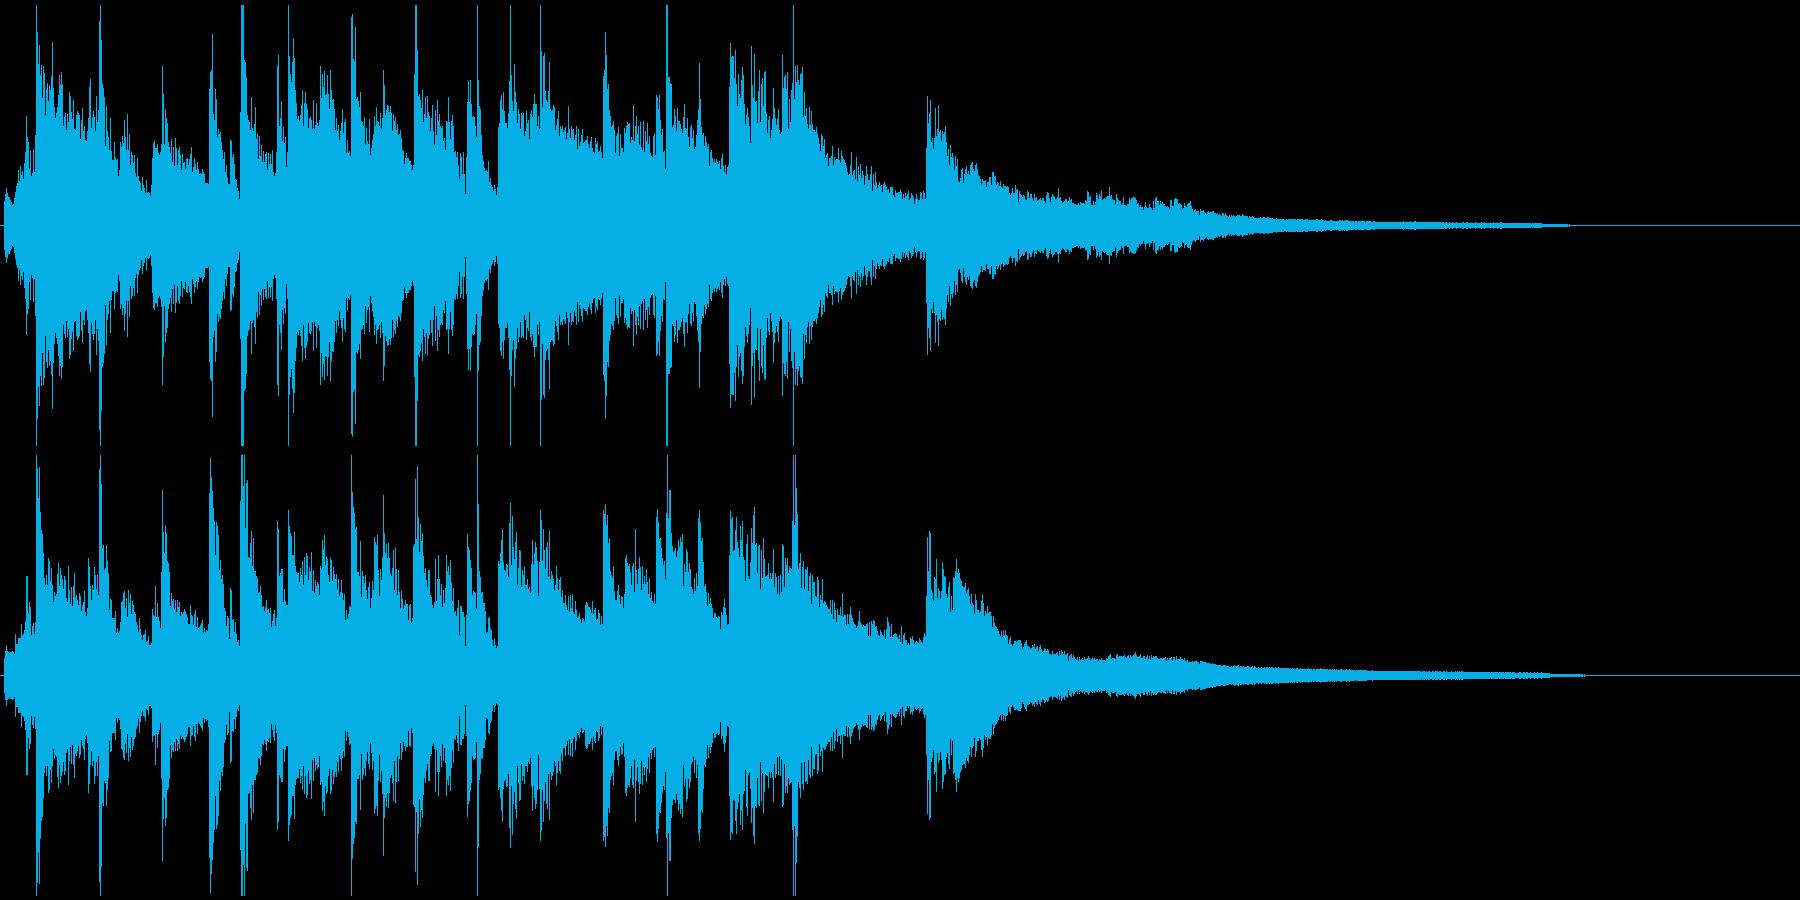 ラジオジングルの再生済みの波形